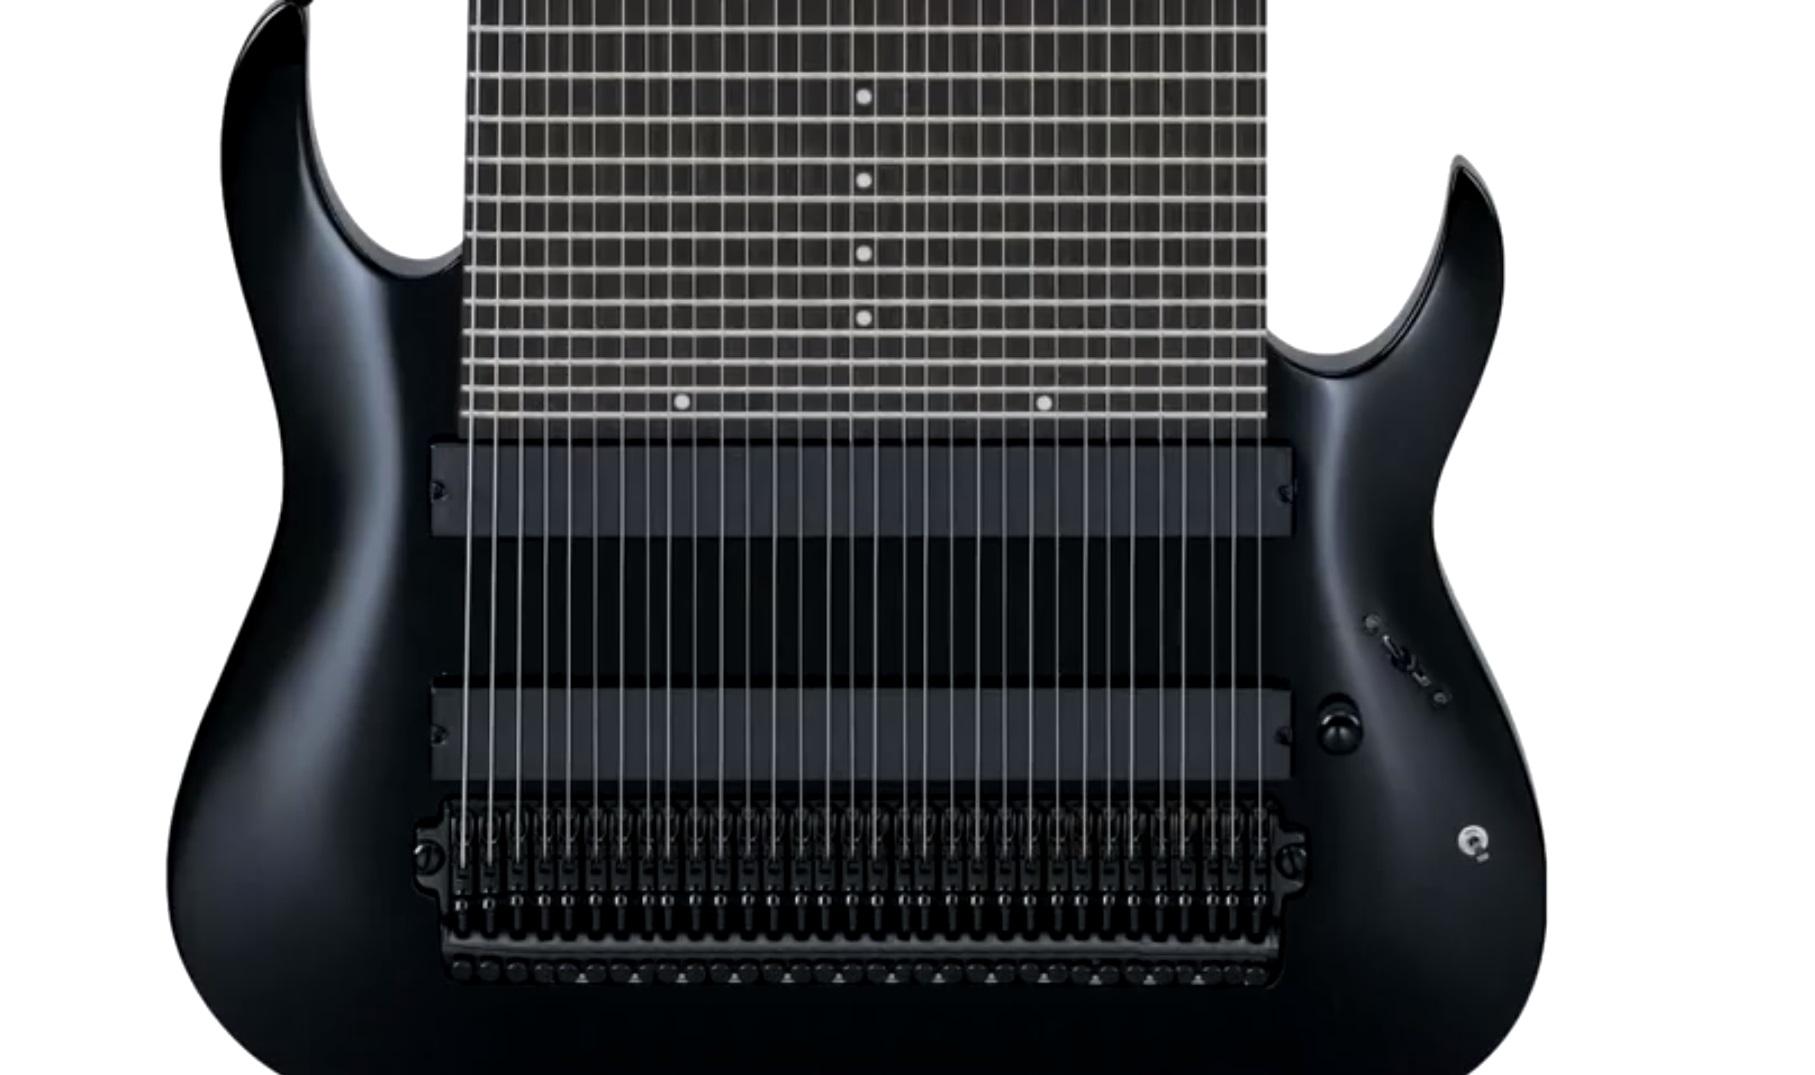 4 Strings - Back To Basics